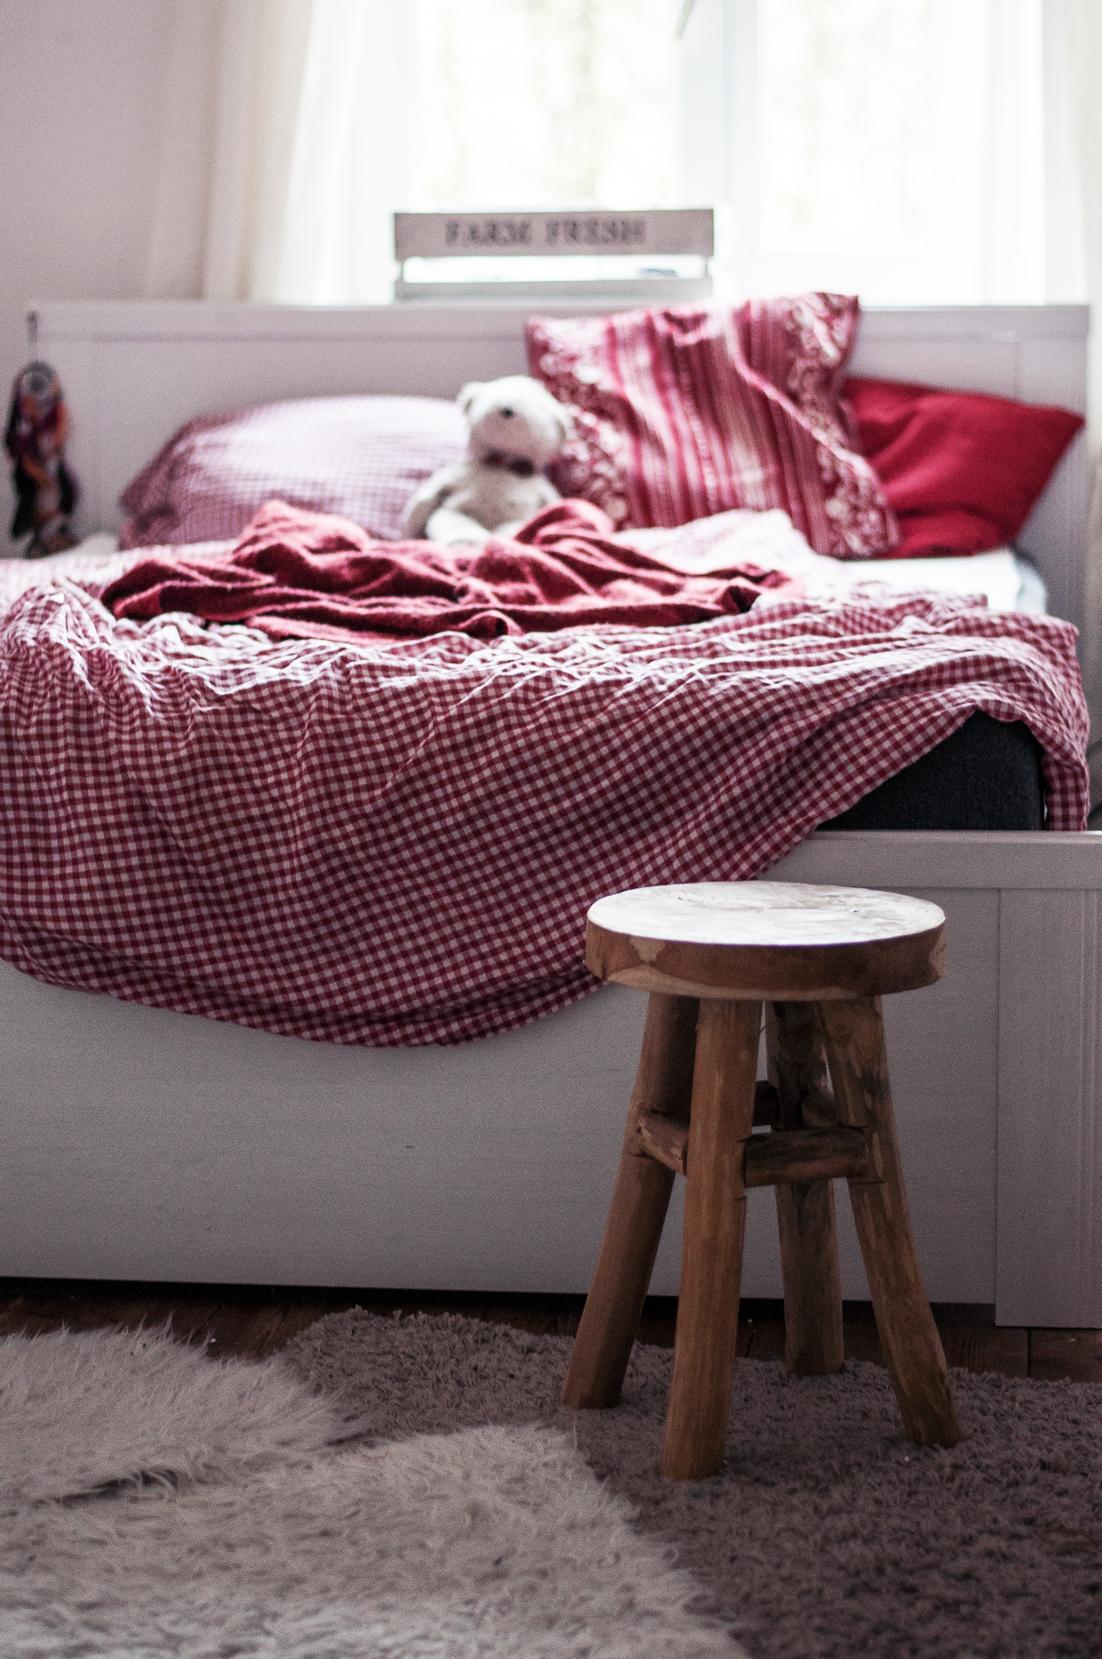 wohnen unser schlafzimmer die emma matratze strawberry pie. Black Bedroom Furniture Sets. Home Design Ideas